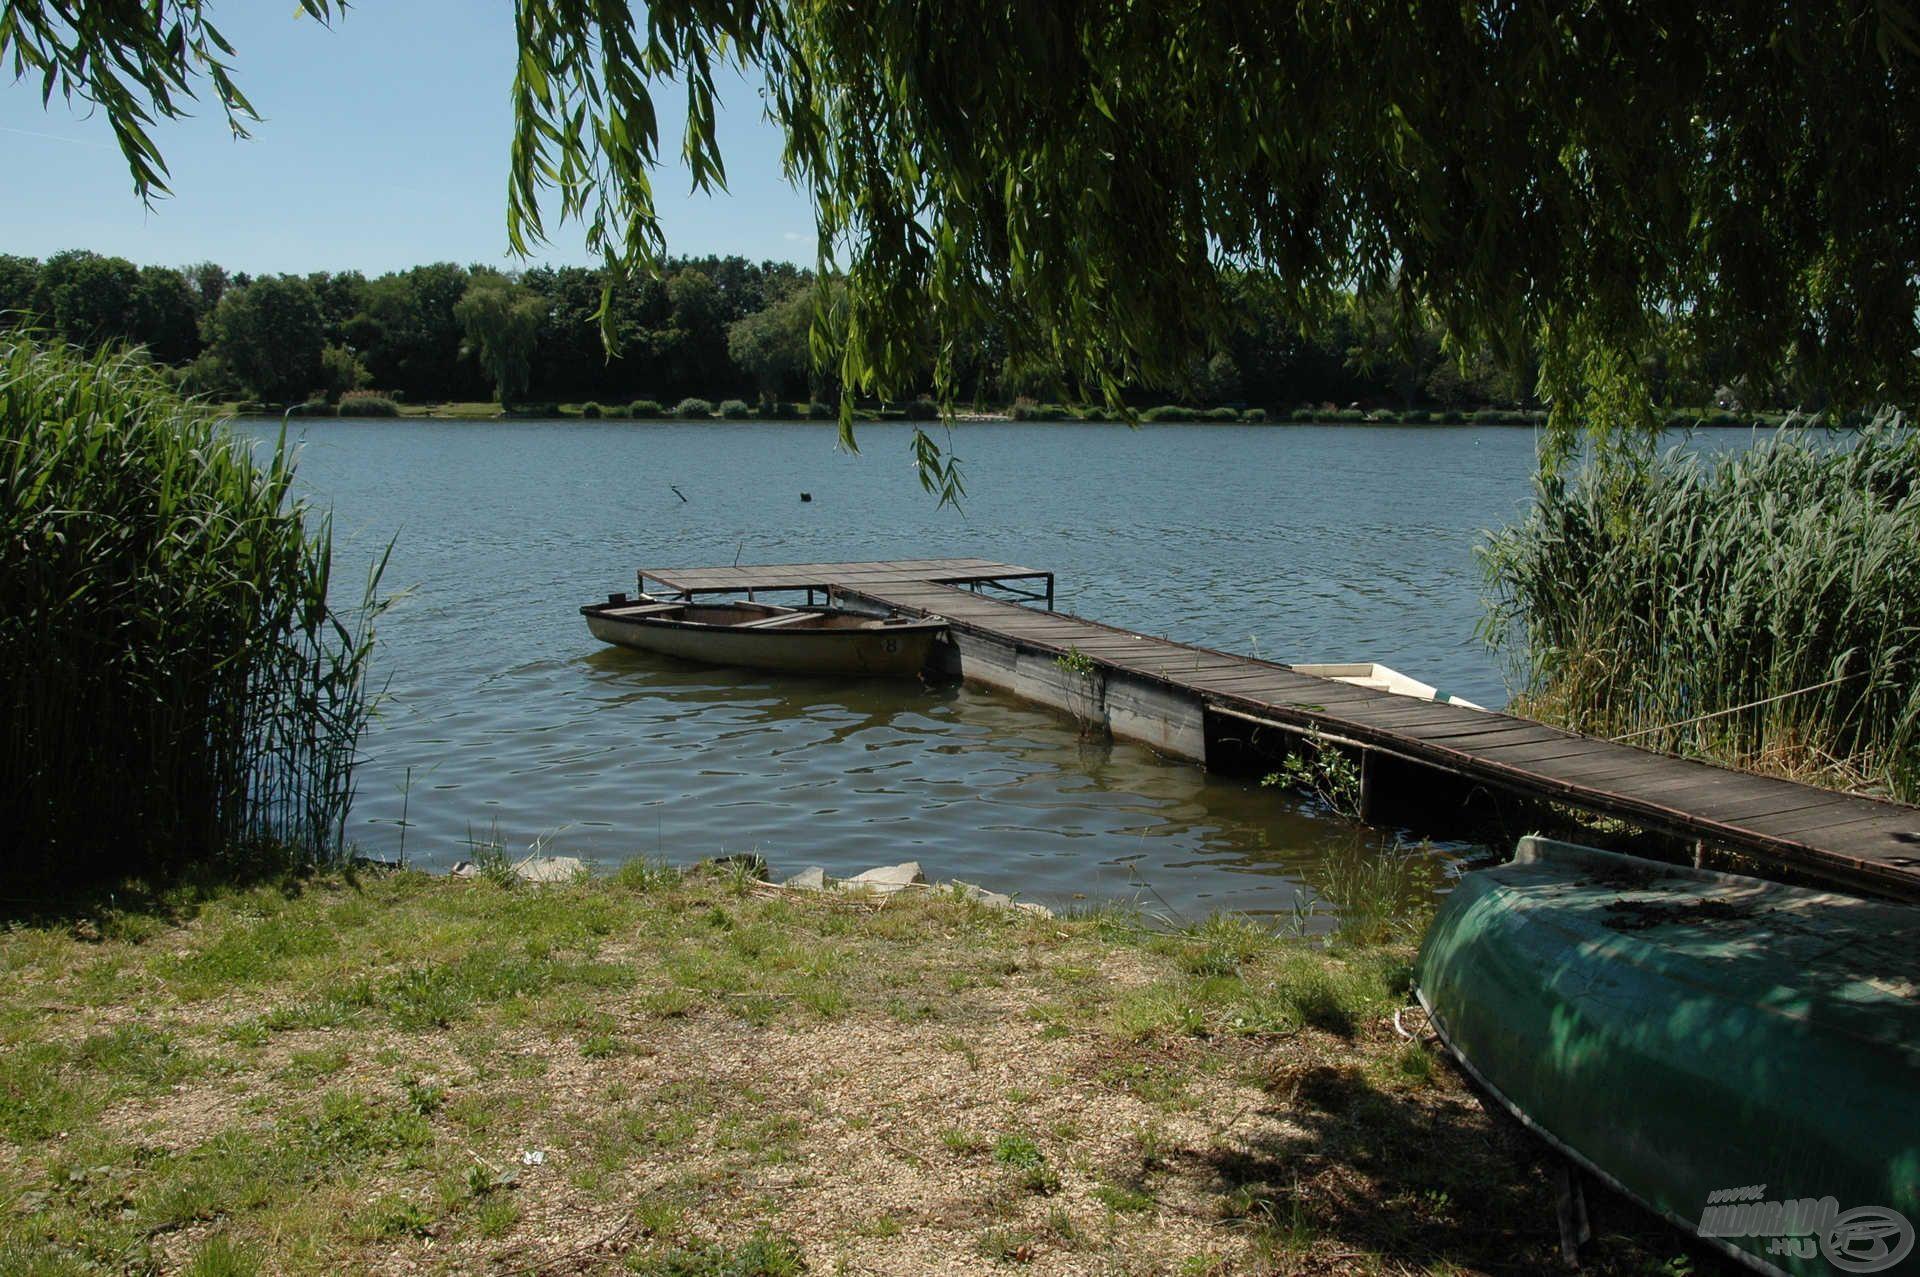 A csónakkikötő szinte üres, ebből is látszódik a tó népszerűsége, hiszen mindenki horgászik